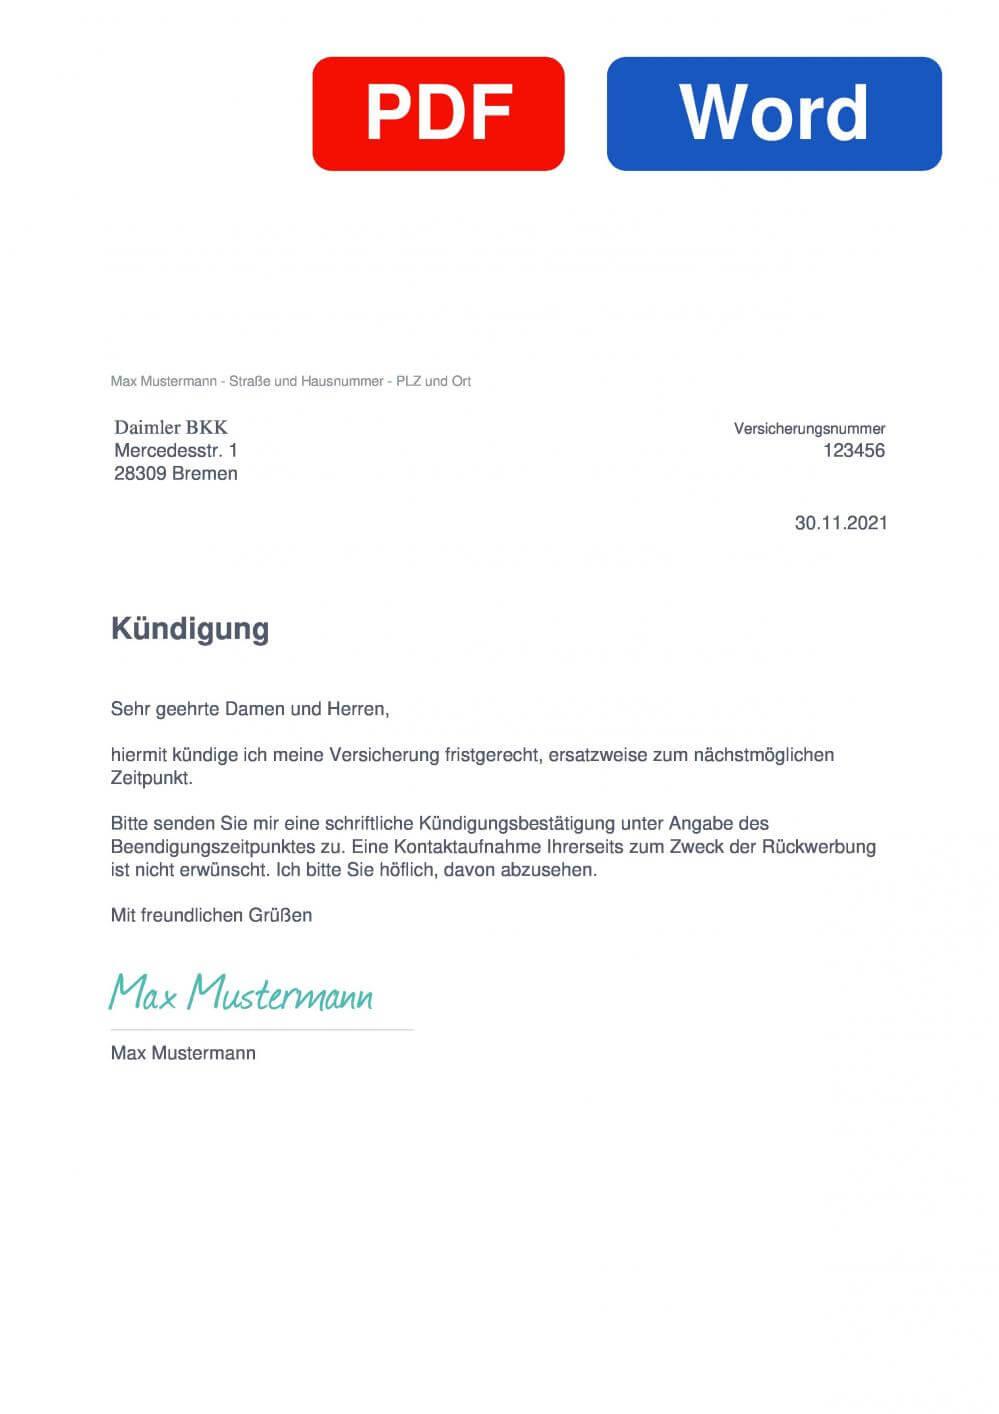 Daimler BKK Muster Vorlage für Kündigungsschreiben